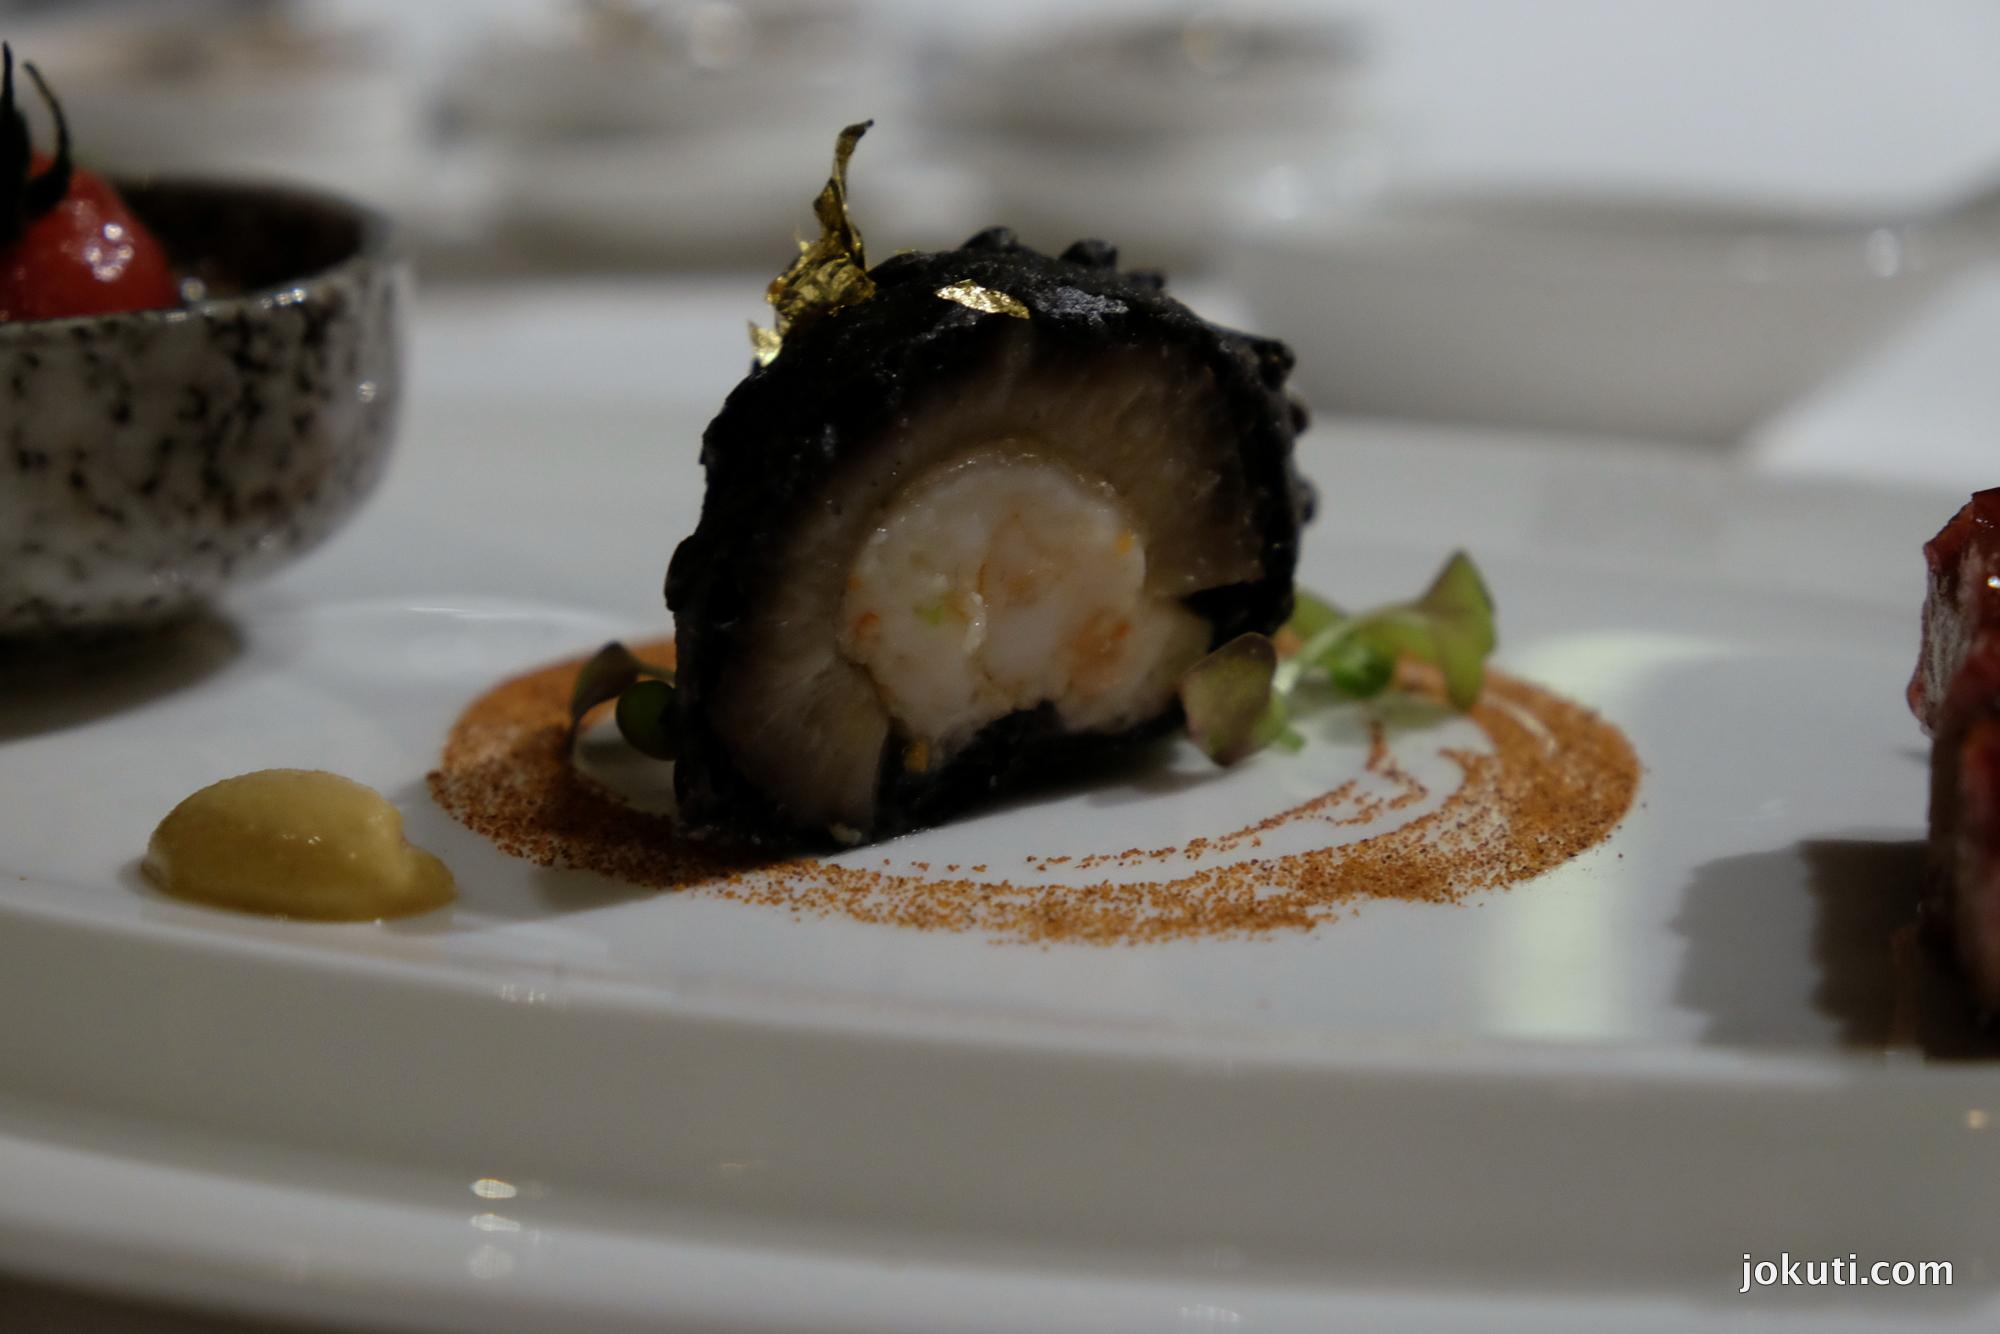 dscf6826_jade_dragon_restaurant_cantonese_chinese_michelin_macau_makao_china_kinai_vilagevo_jokuti.jpg